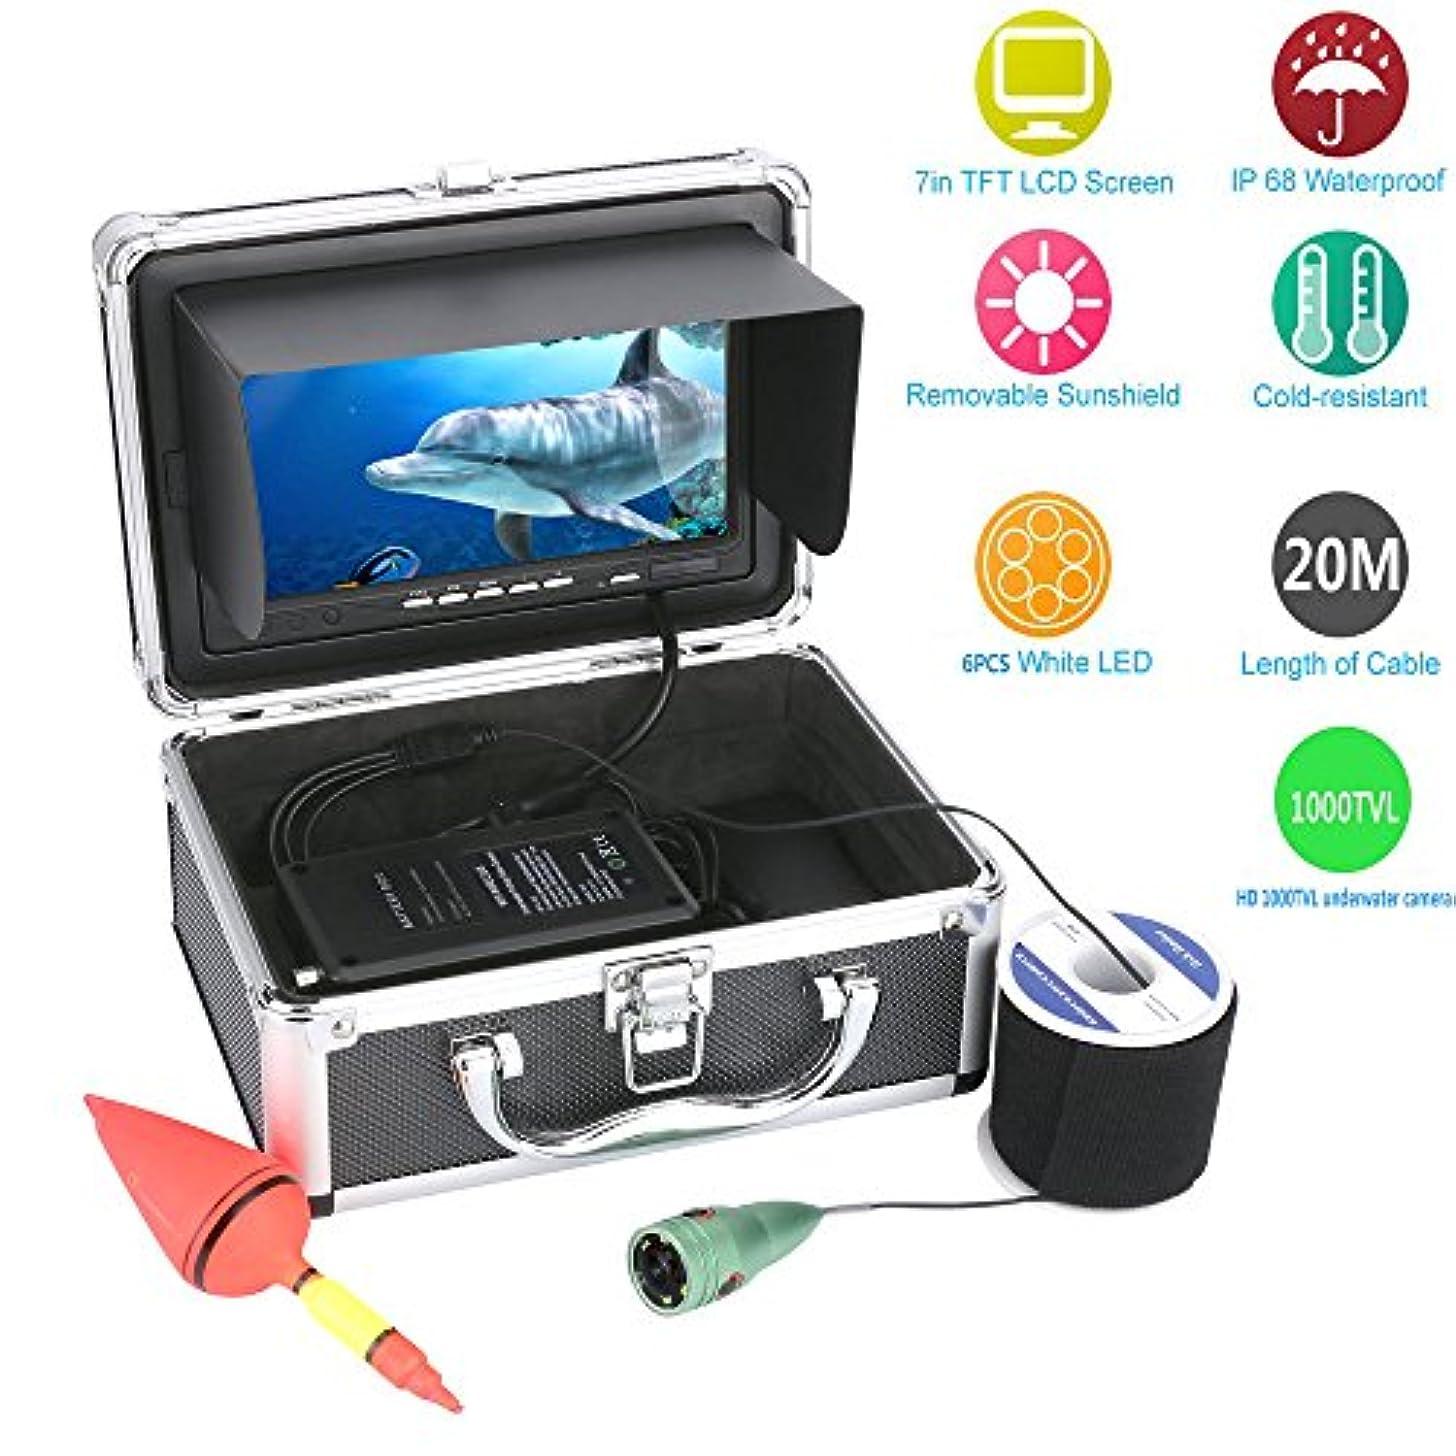 ポンドなんとなくプライム水中フィッシュファインダー HD 水中カメラ7インチ TFT カラーディスプレイ CCD と HD 1000 TVL カメラキット (20m)